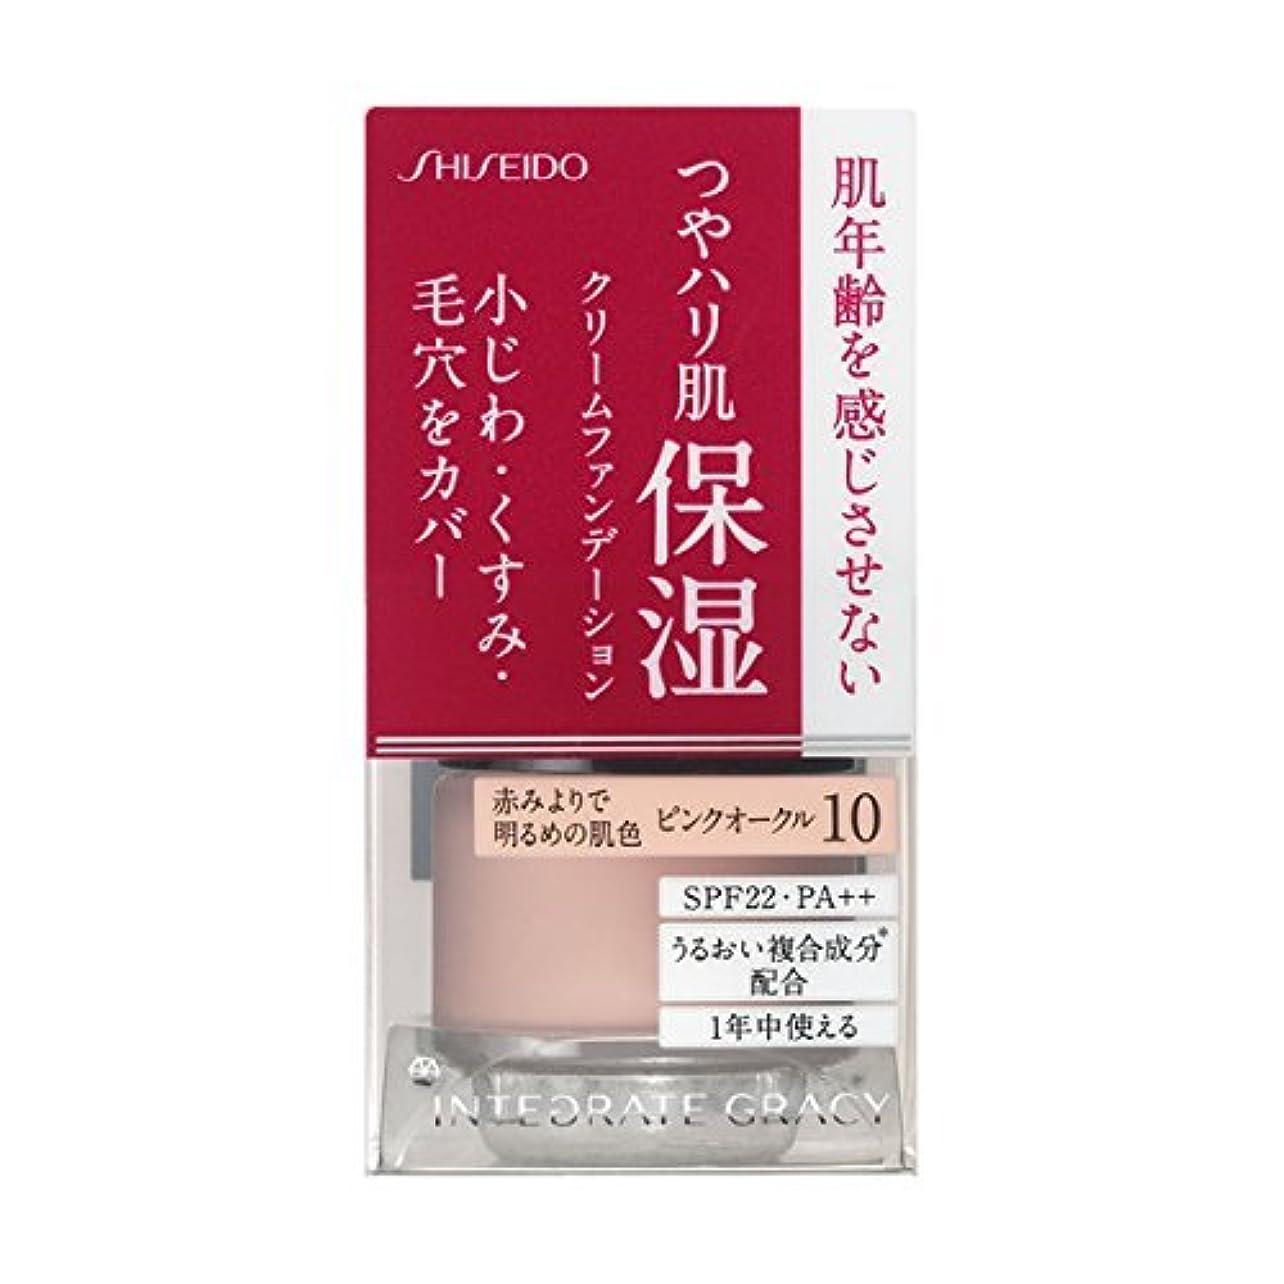 二次花に水をやる鋼インテグレート グレイシィ モイストクリーム ファンデーション ピンクオークル10 25g×3個